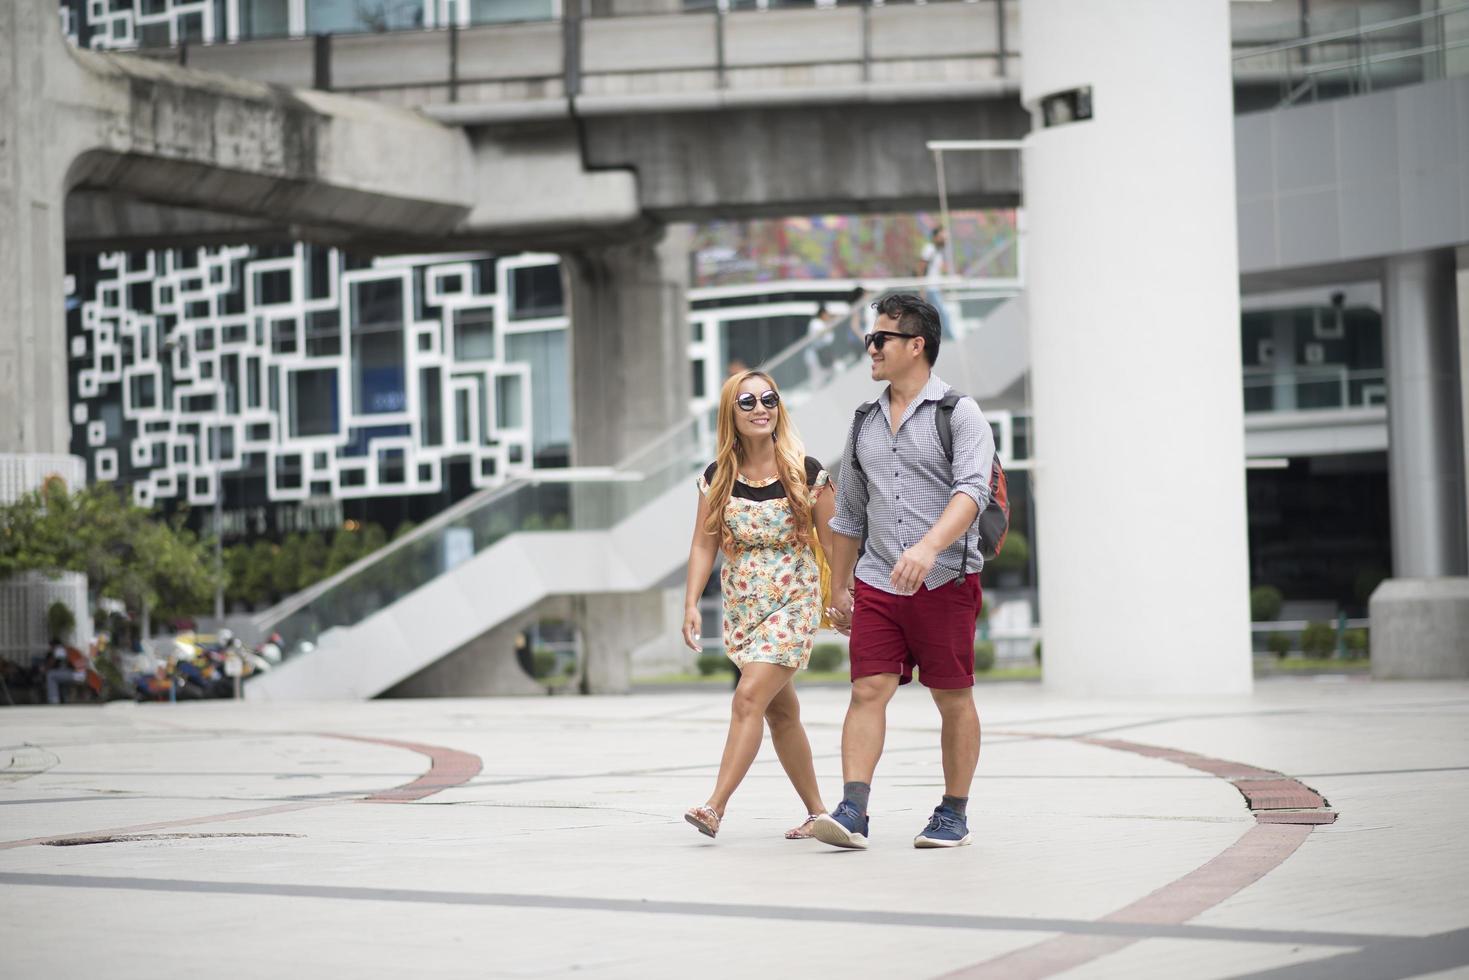 coppia felice innamorata che cammina per strada foto